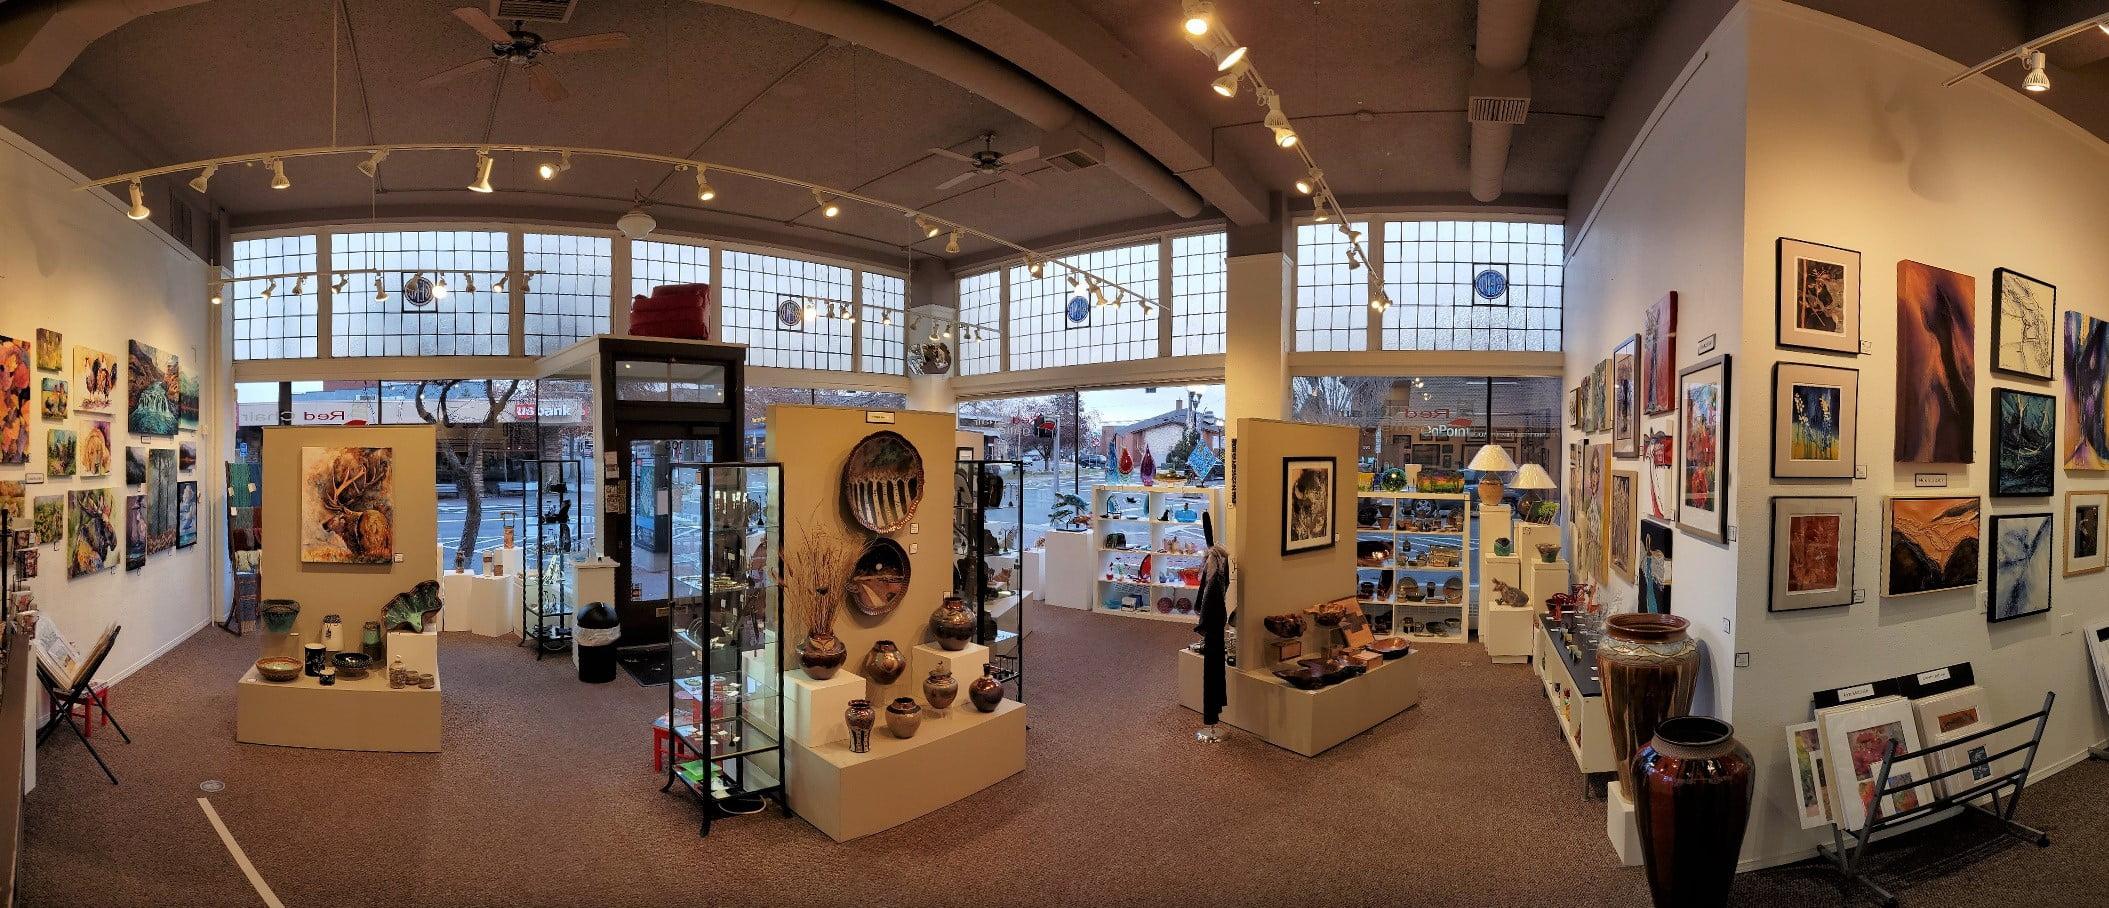 Store Interior Pano